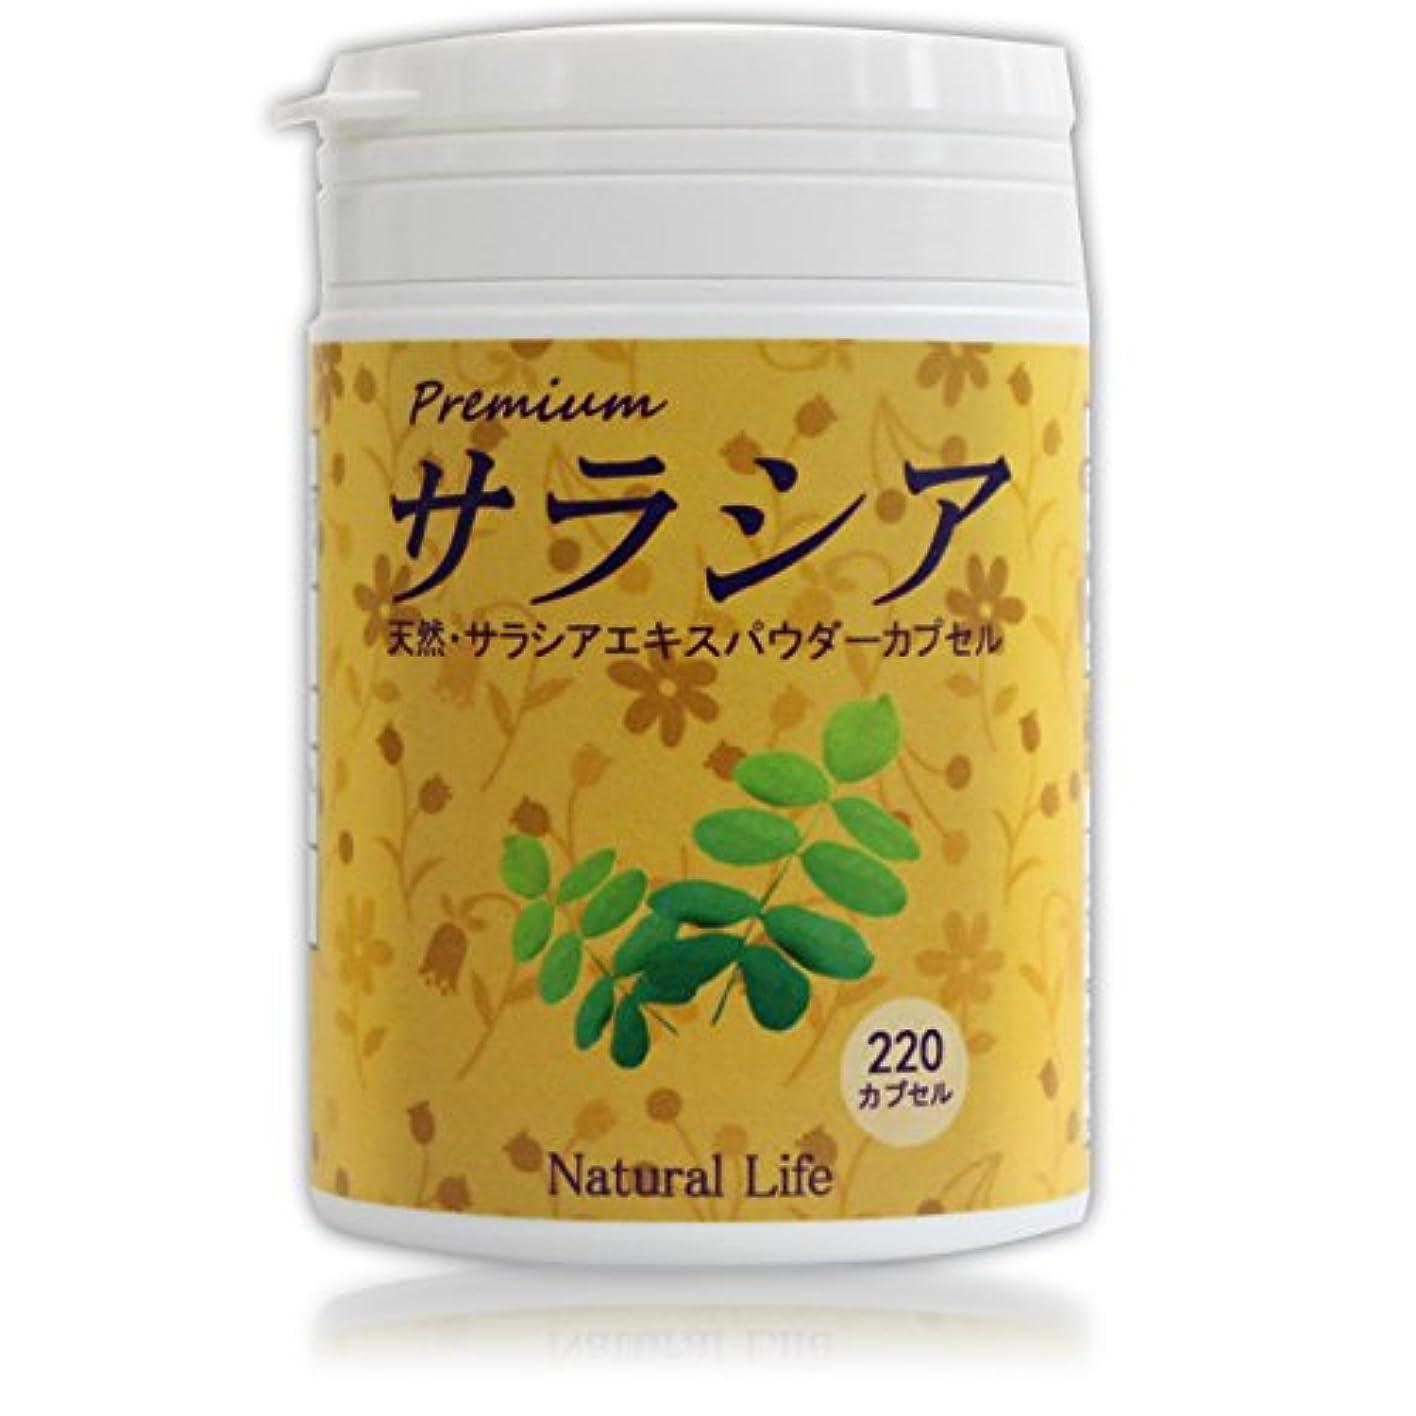 租界ペネロペ苦いサラシアカプセル[220粒]天然ピュア原料(無添加) 健康食品(サラシア,さらしあ)